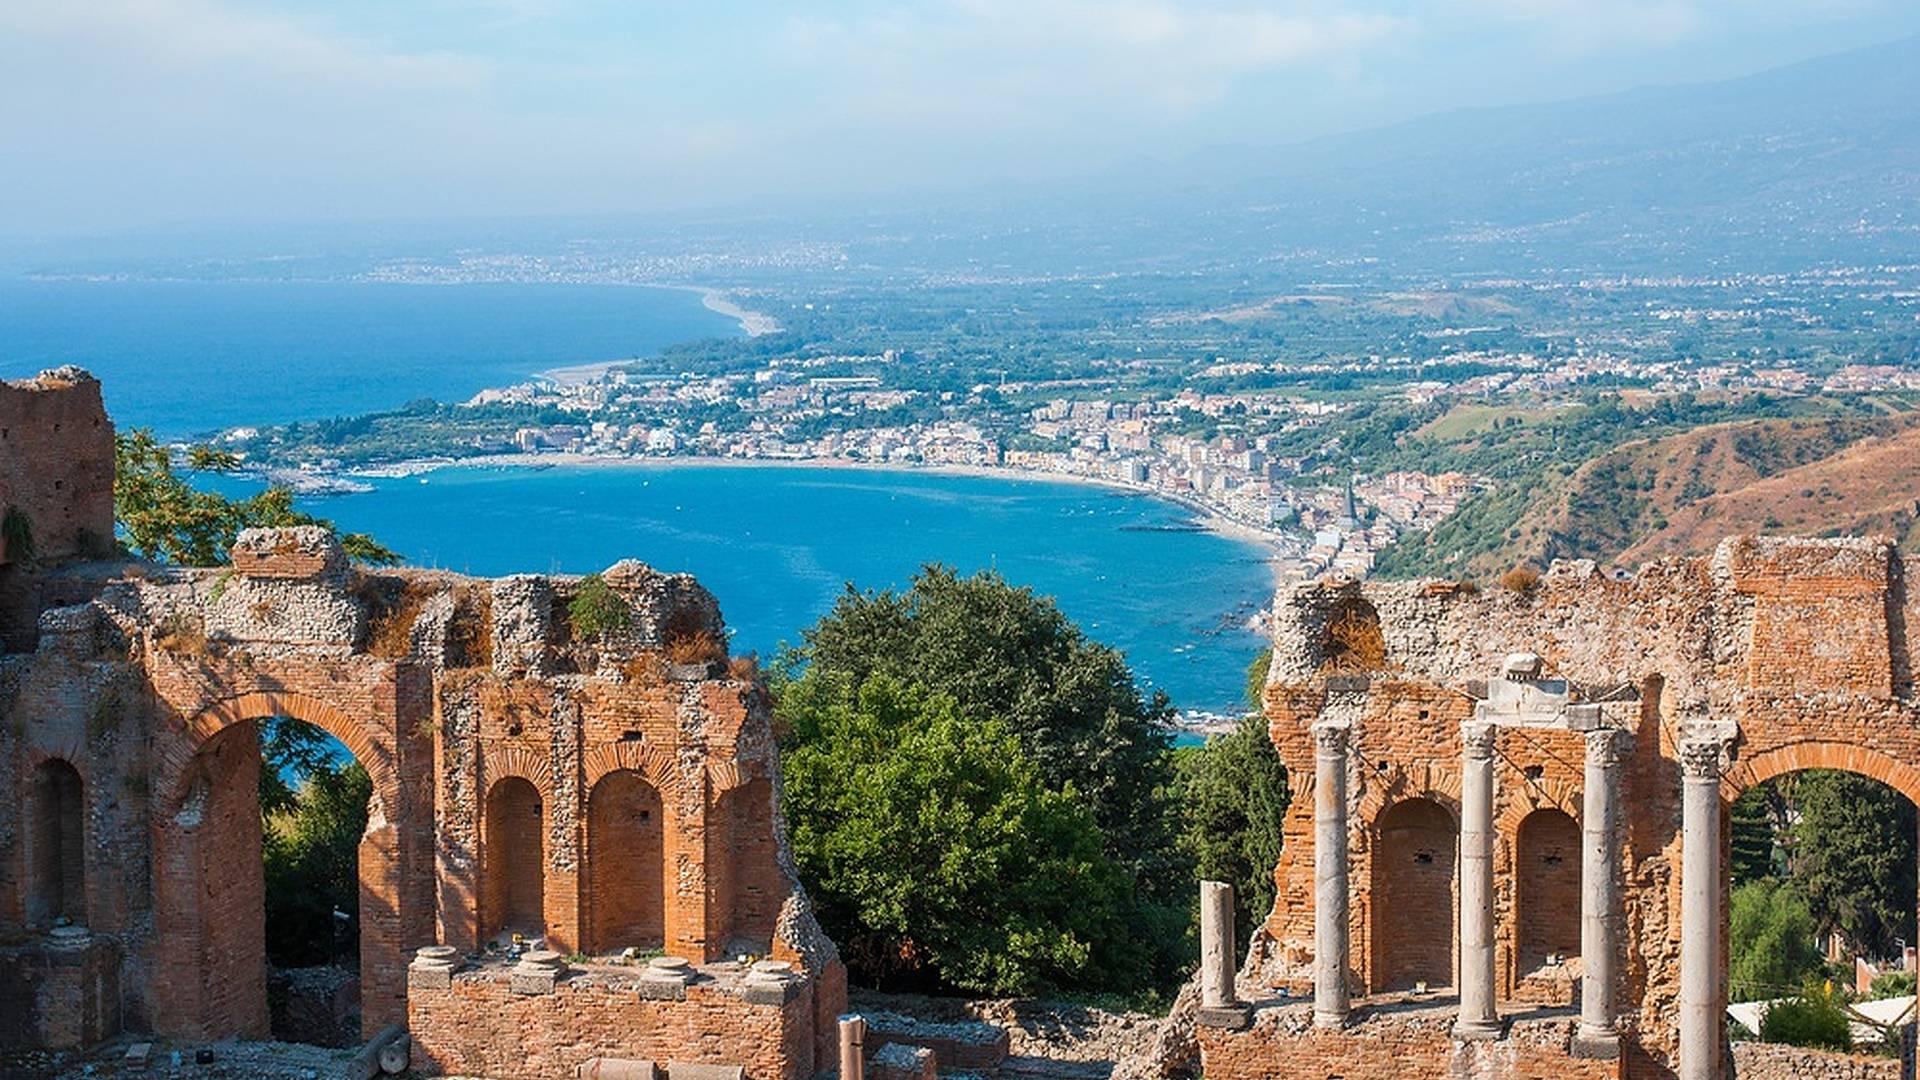 Geschichte und Kultur mit Blick aufs Meer